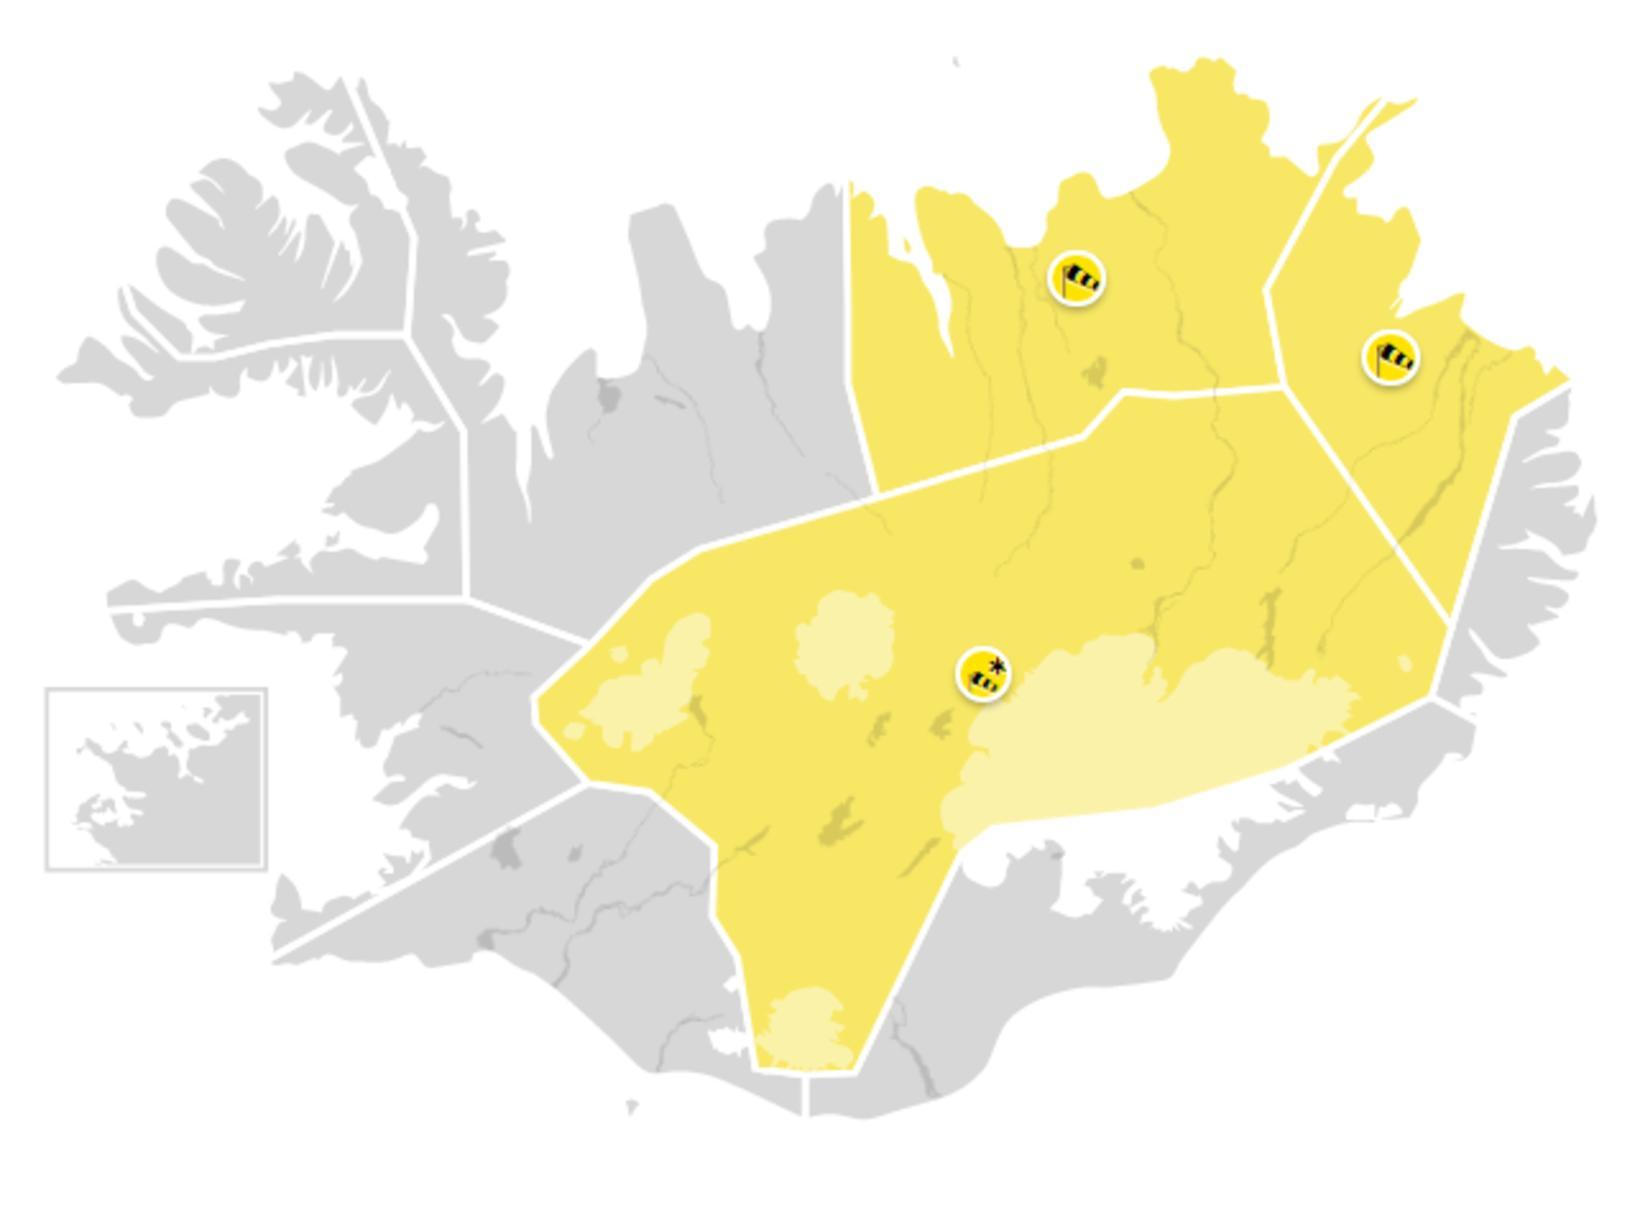 Gul viðvörun er í gildi á Norðurlandi eystra, Austurlandi að …